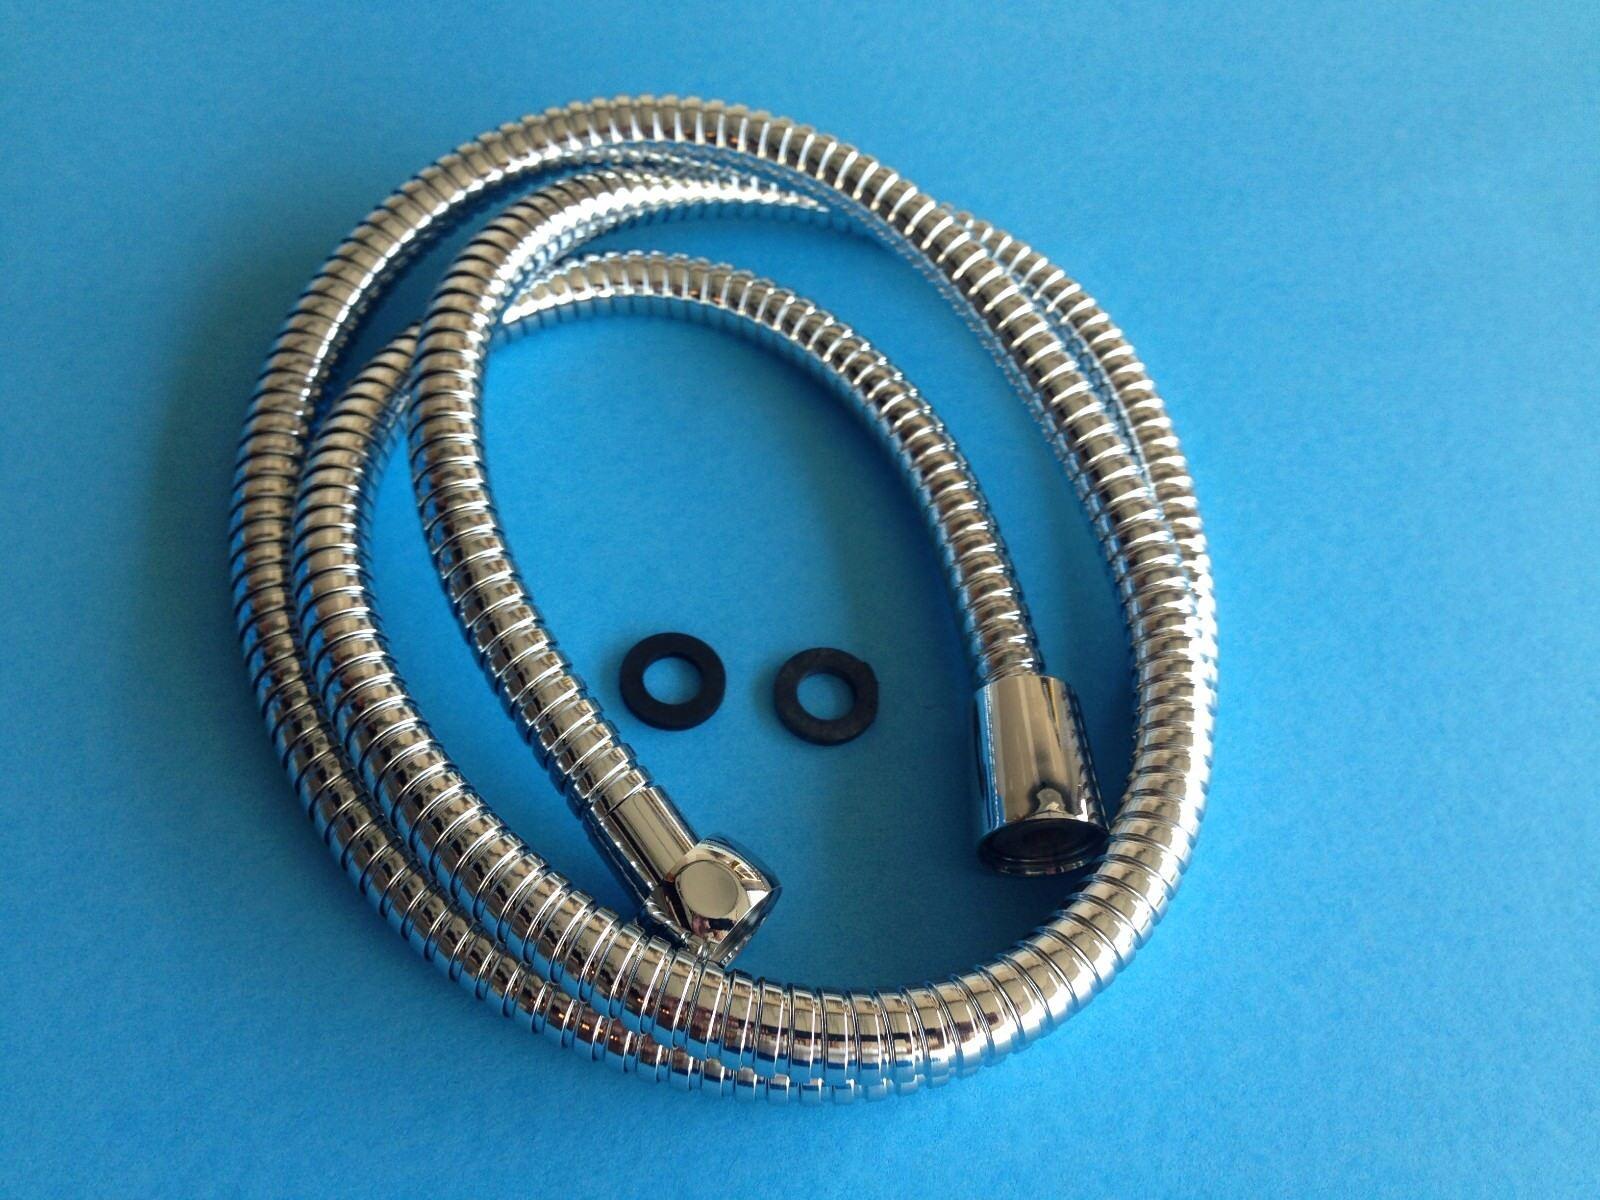 Flexible stainless steel Hose - For Bidet - Shower